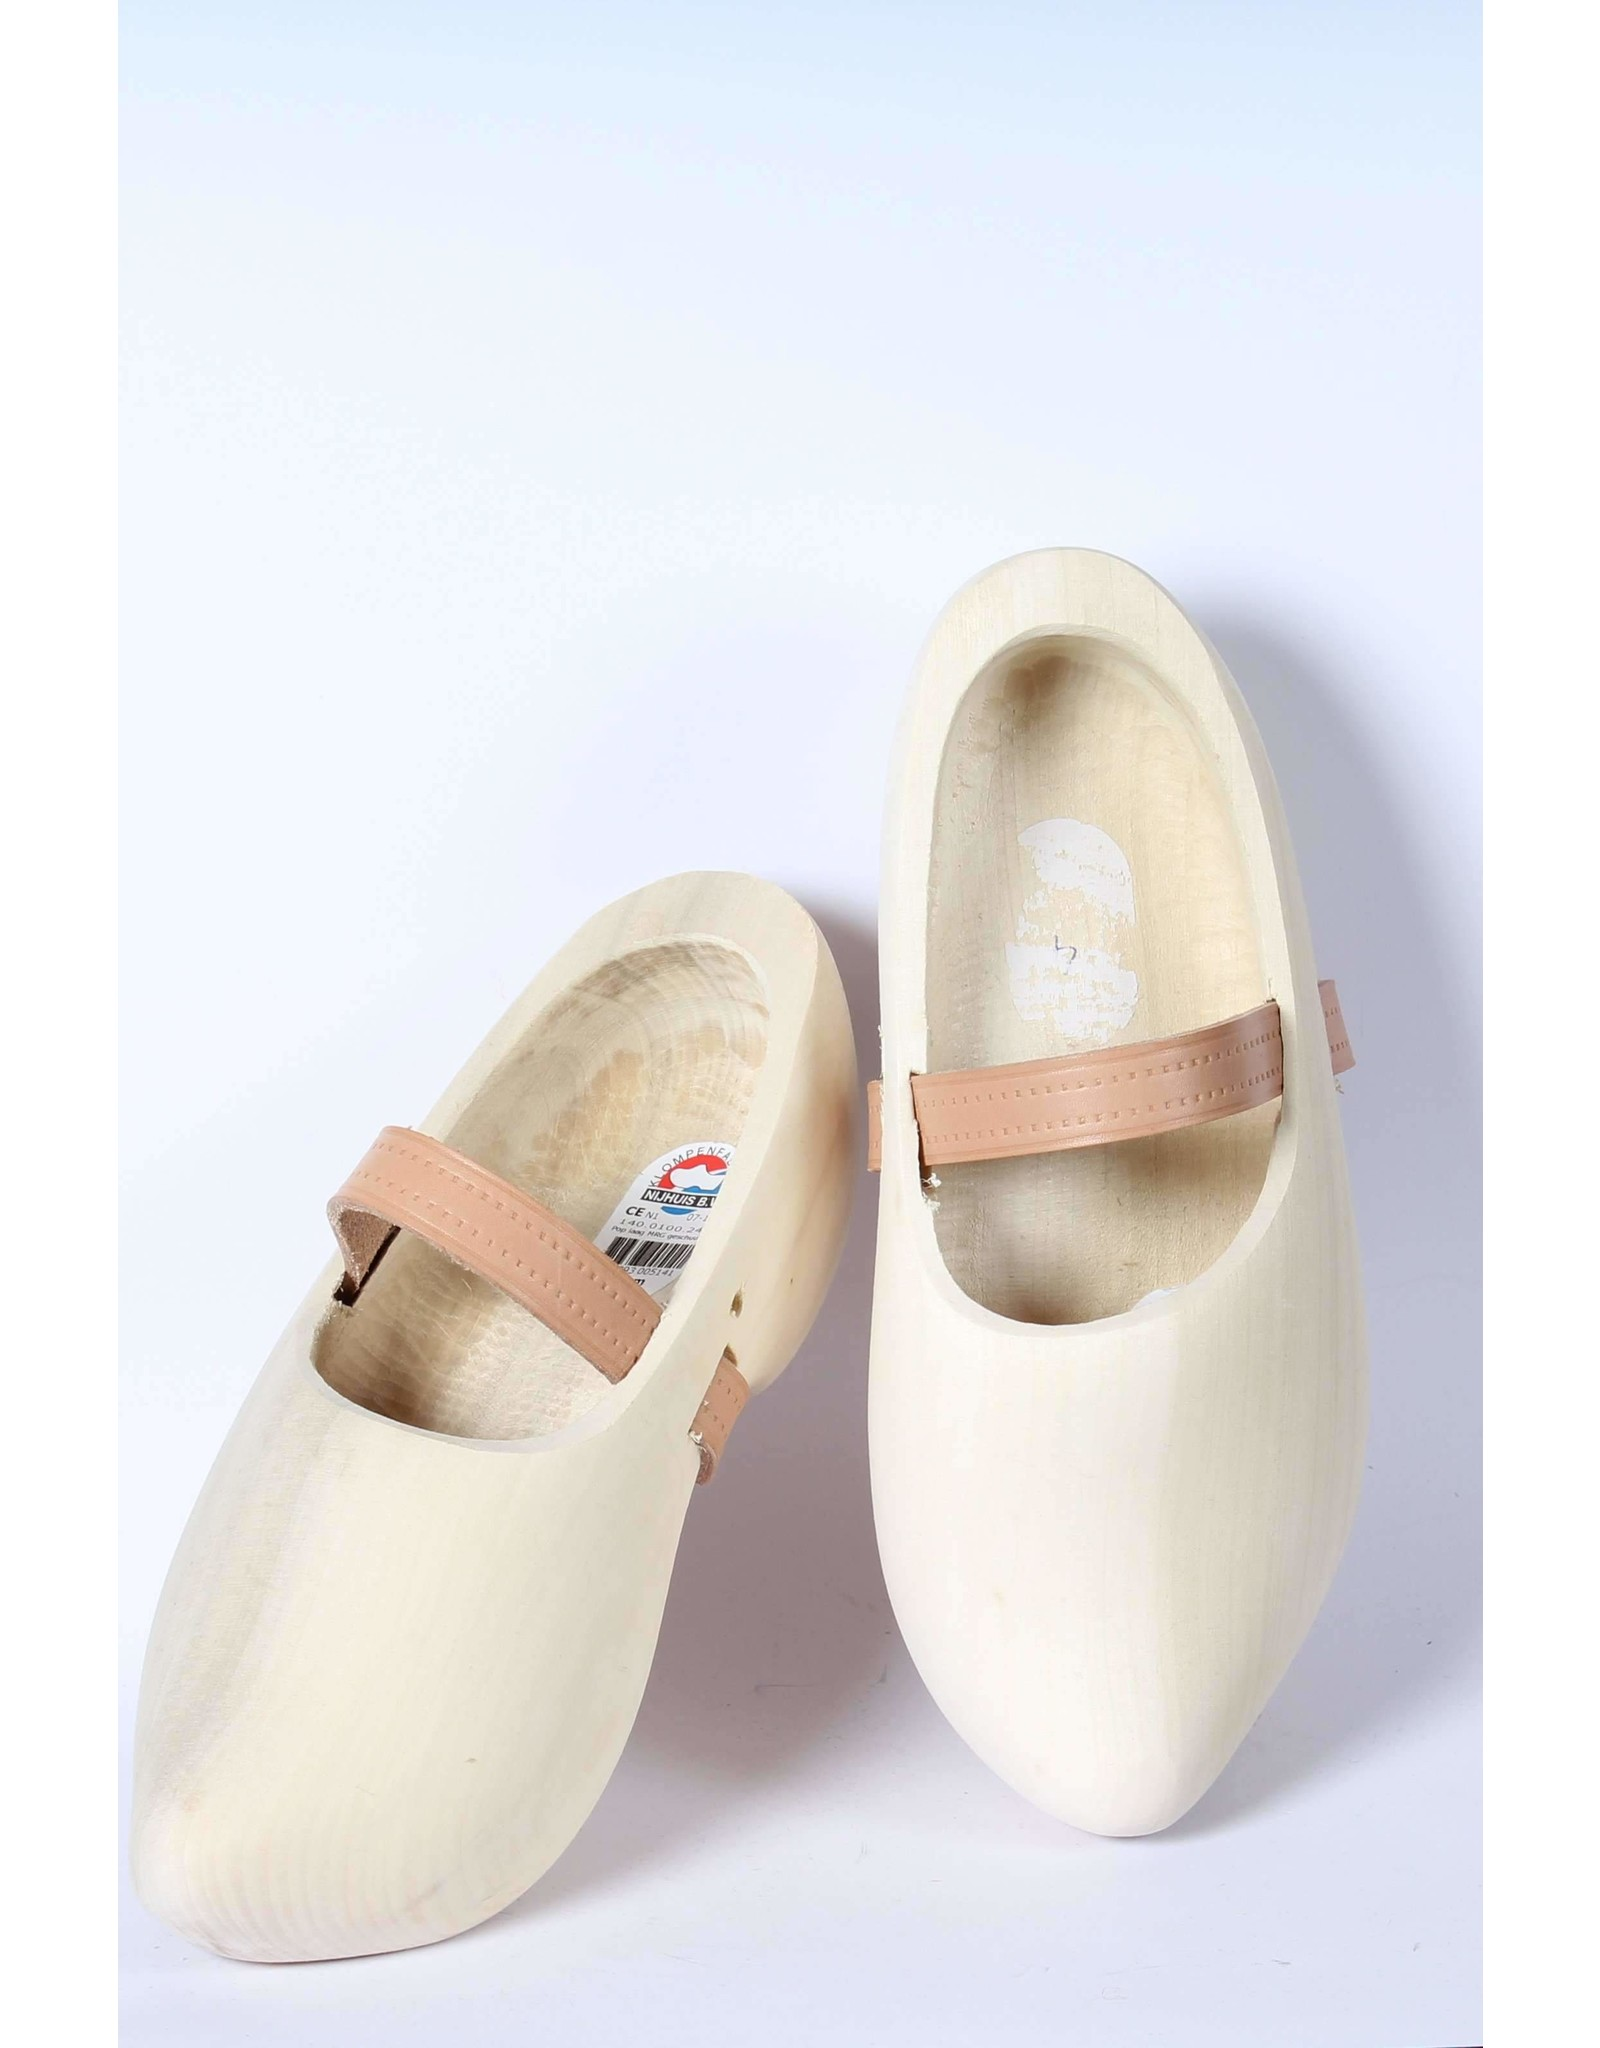 Wooden Shoe Factory Marken Wooden Shoes Tripklomp Plain, Leather Strap Clog